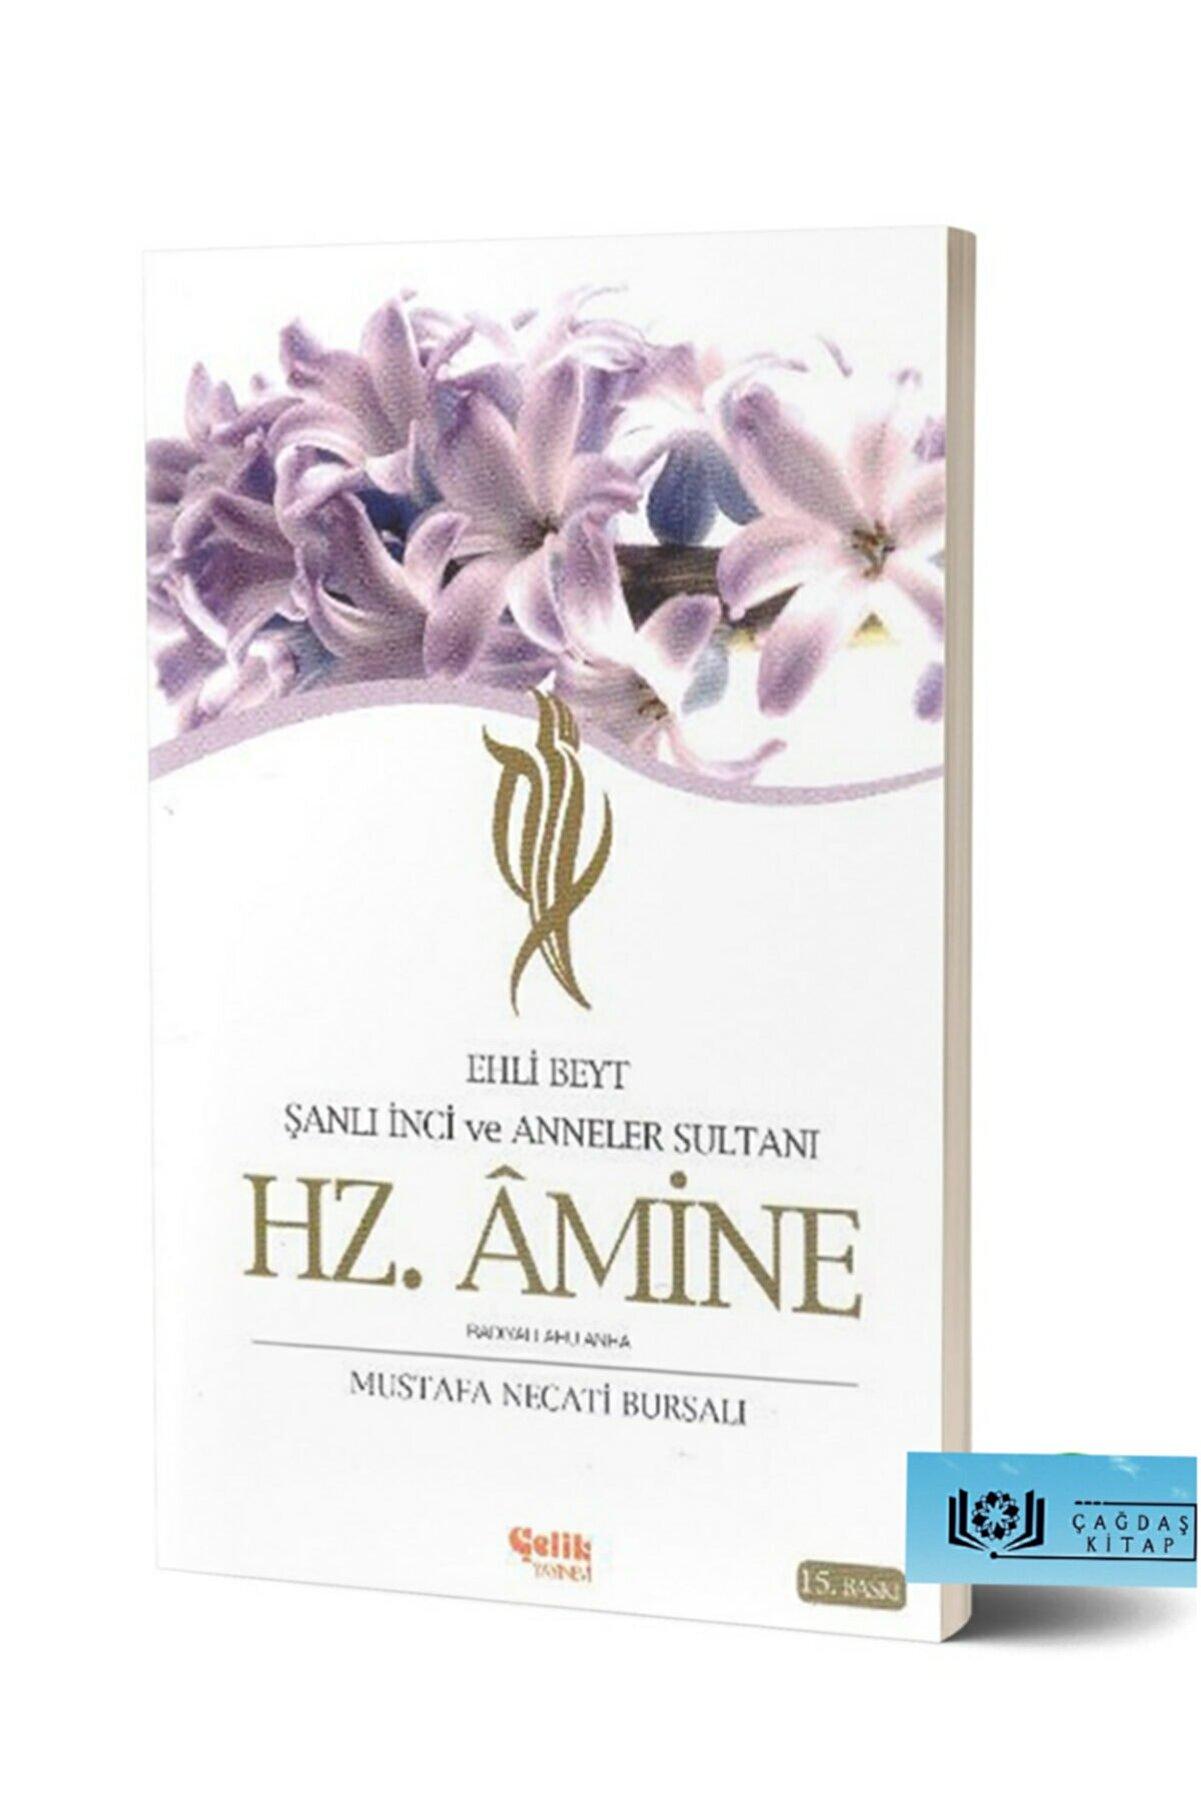 Çelik Yayınevi Ehli Beyt Şanlı İnci ve Anneler Sultanı Hz. Amine - Mustafa Necati Bursalı 9789757161196